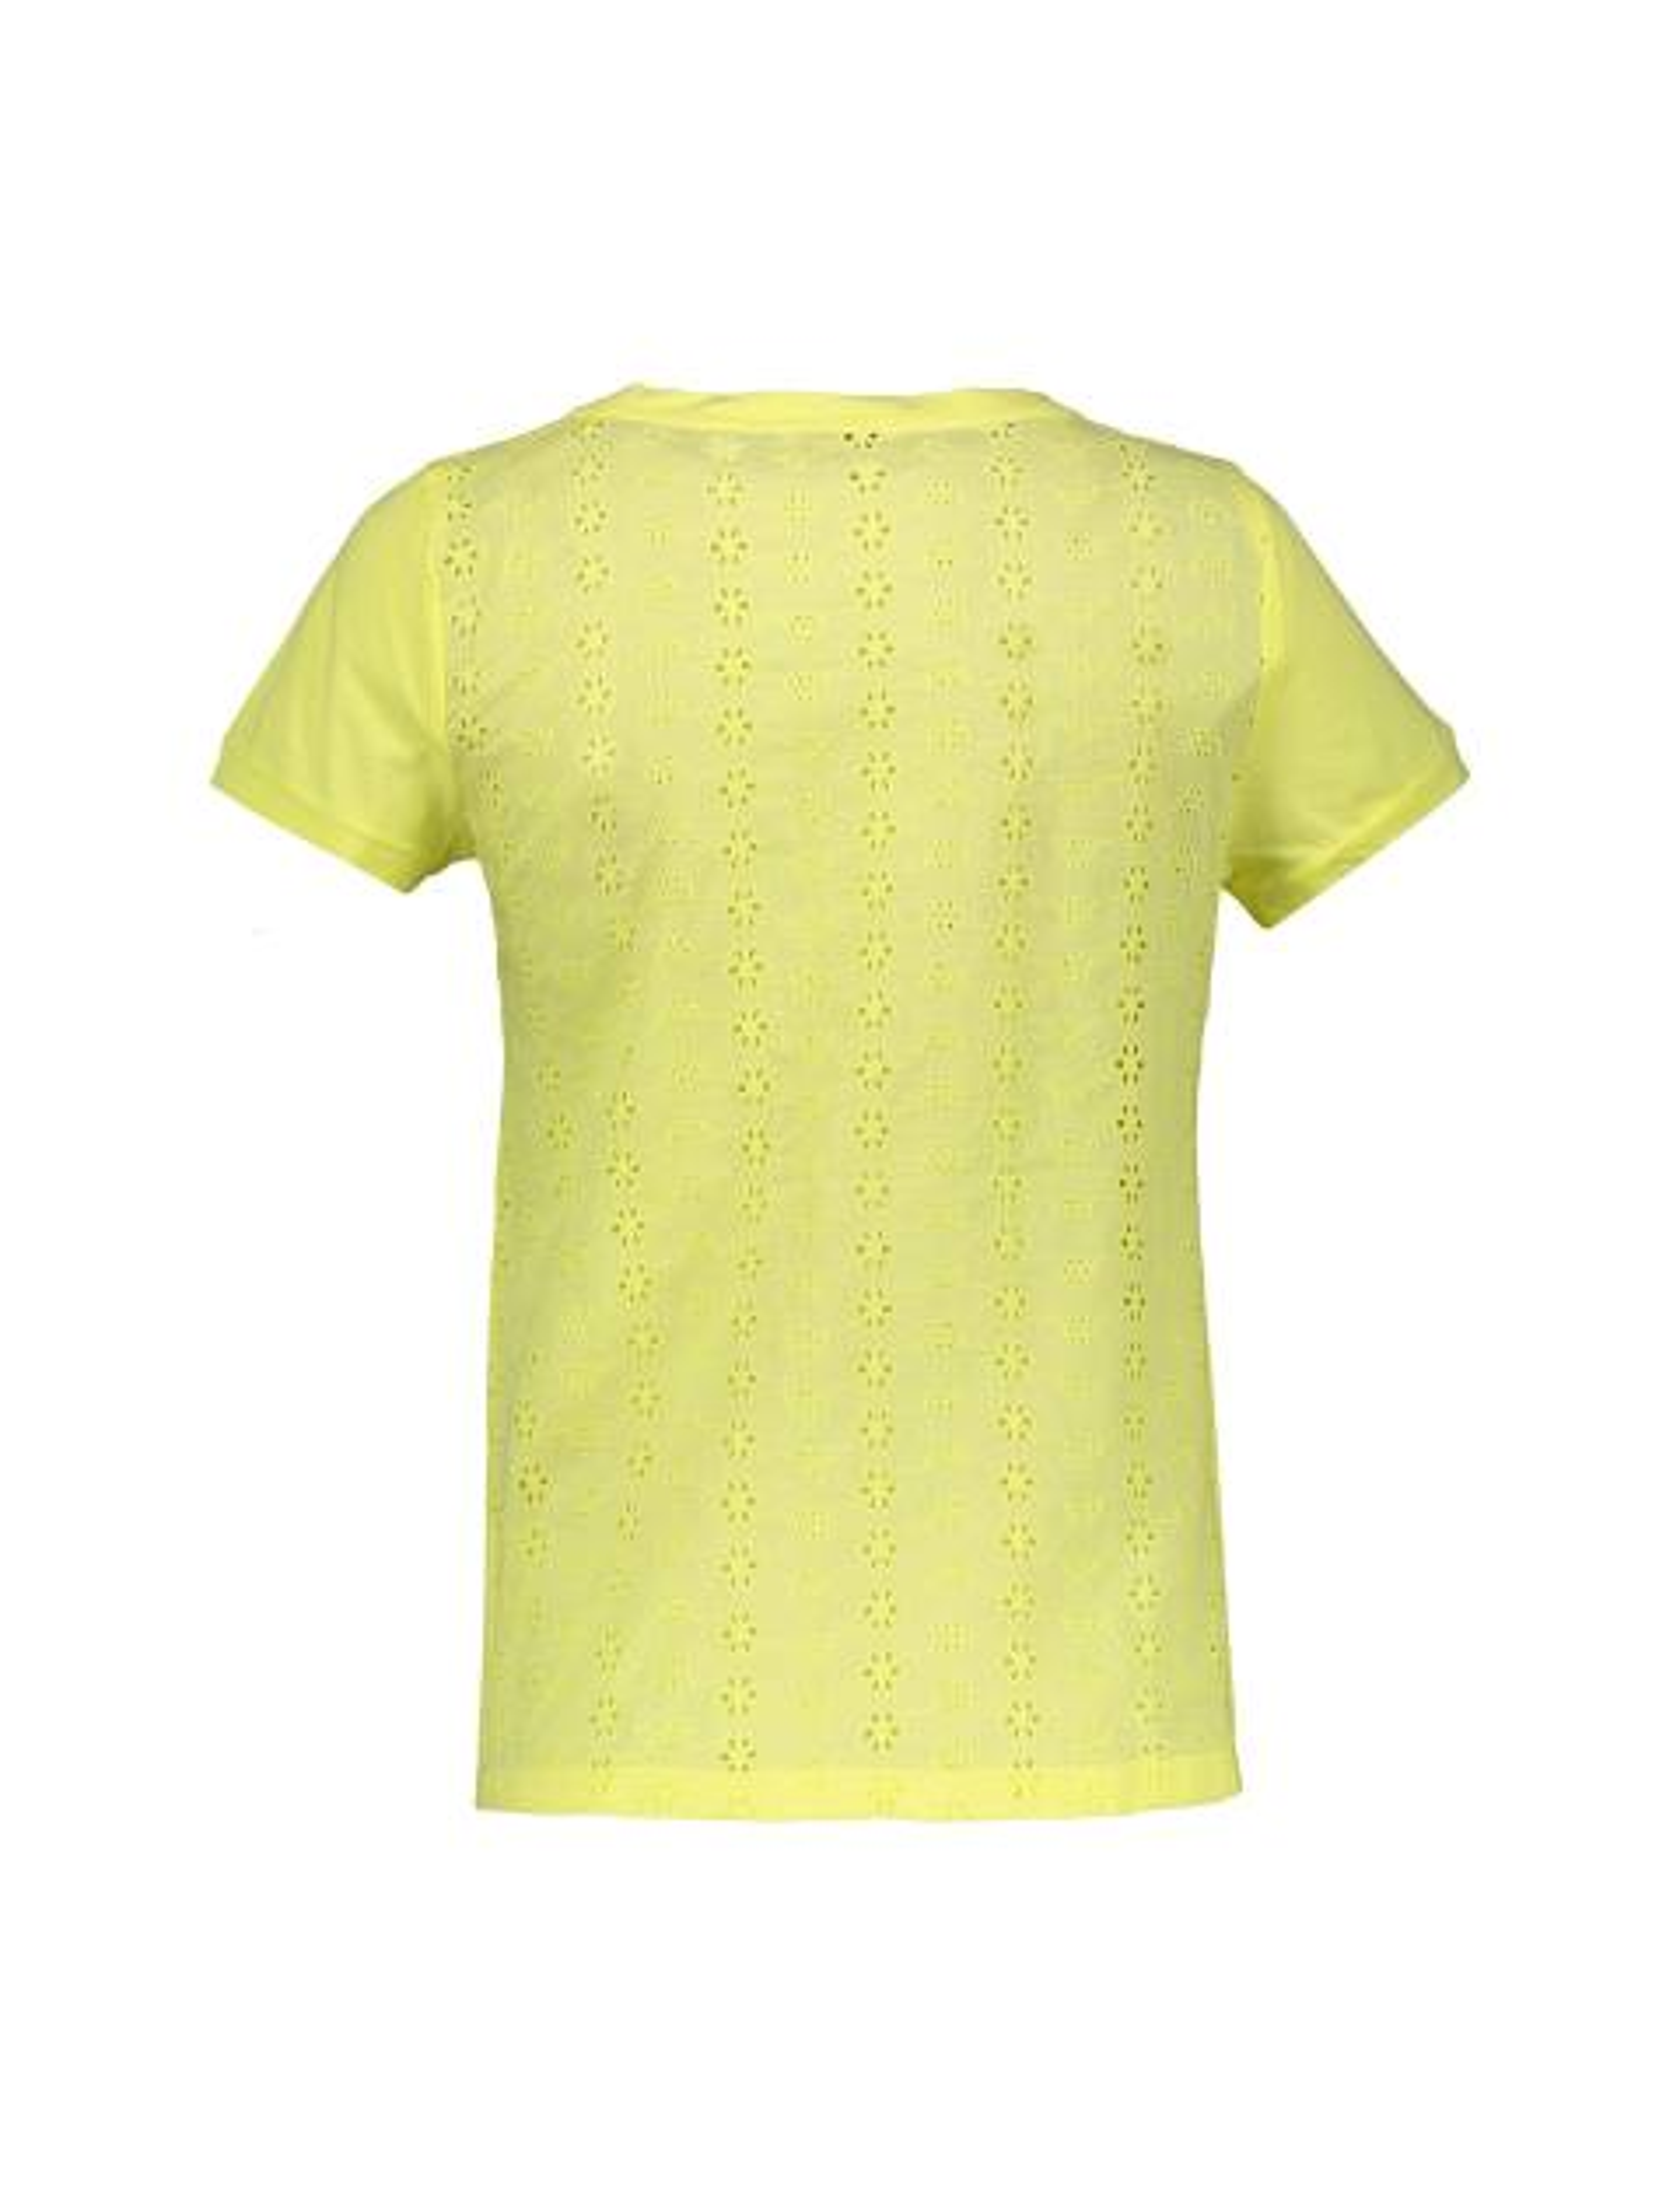 تی شرت یقه گرد زنانه - زرد - 2